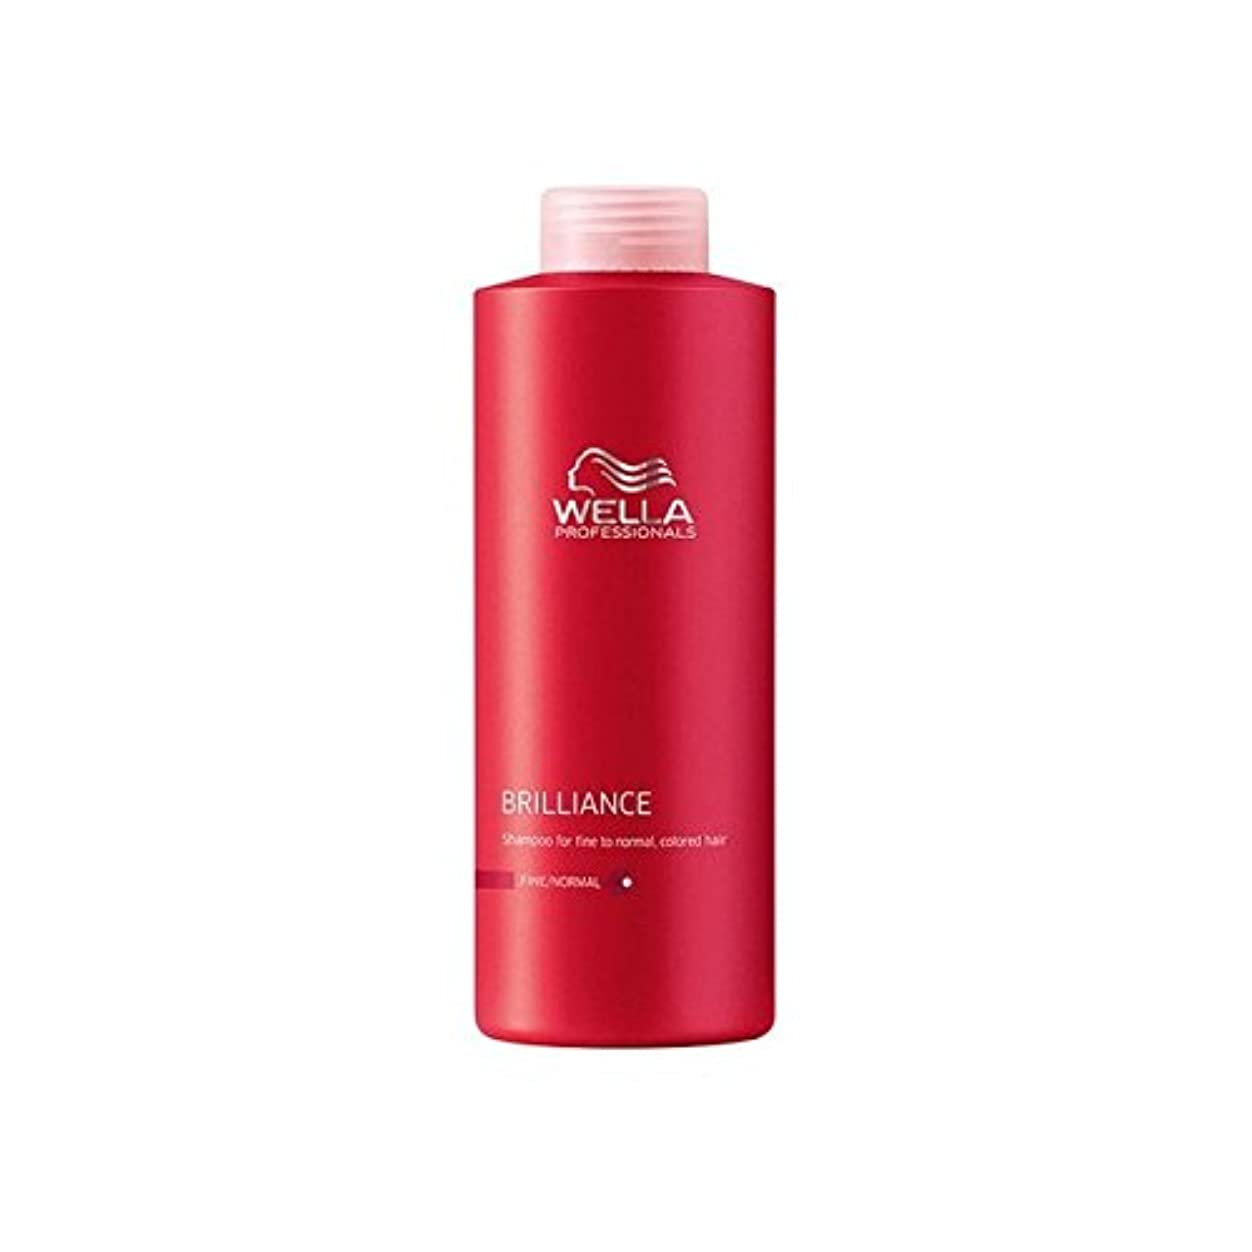 差し引く声を出して銀行ウェラの専門家は細かいシャンプー(千ミリリットル)をブリリアンス x4 - Wella Professionals Brilliance Fine Shampoo (1000ml) (Pack of 4) [並行輸入品]